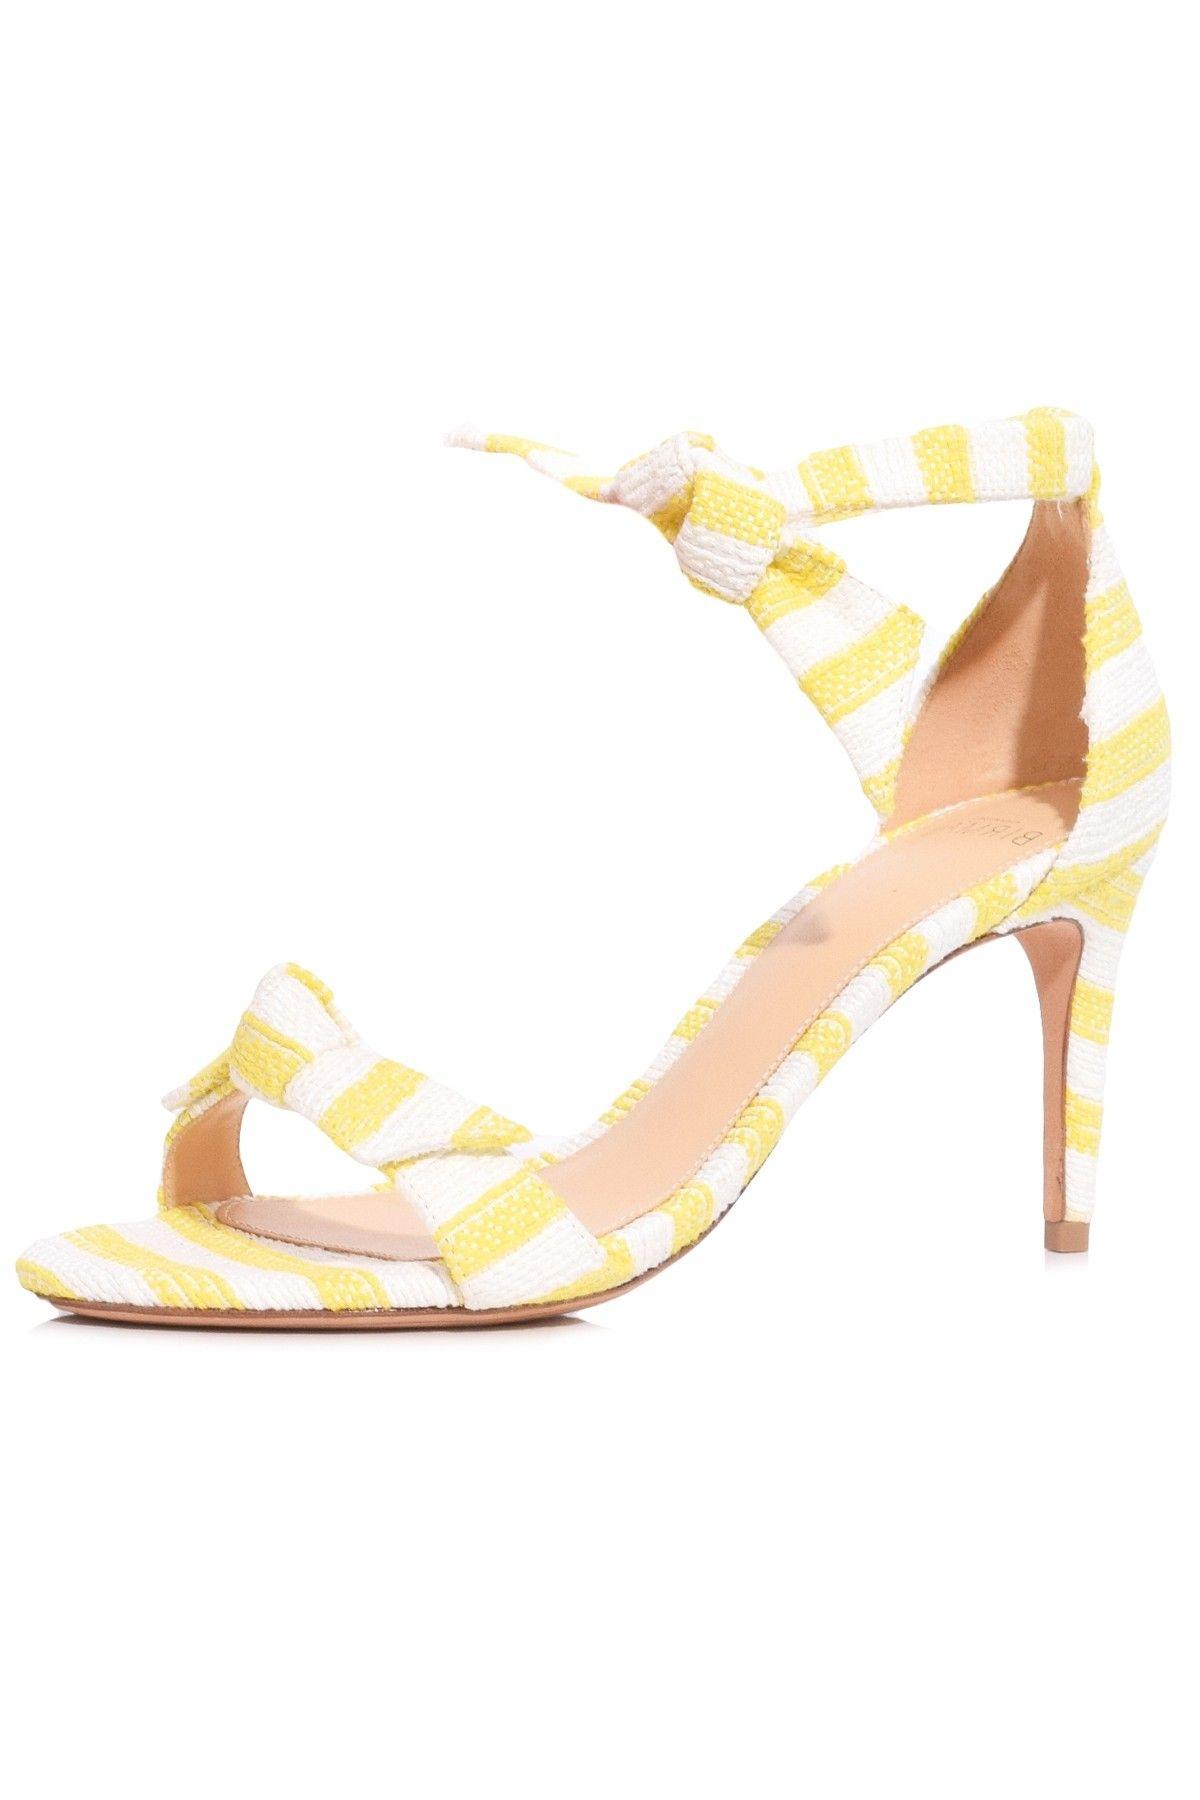 dda1df3d750 Clarita Heel in Sunflower in 2019 | Hampden Shoes | Shoes, Heels ...